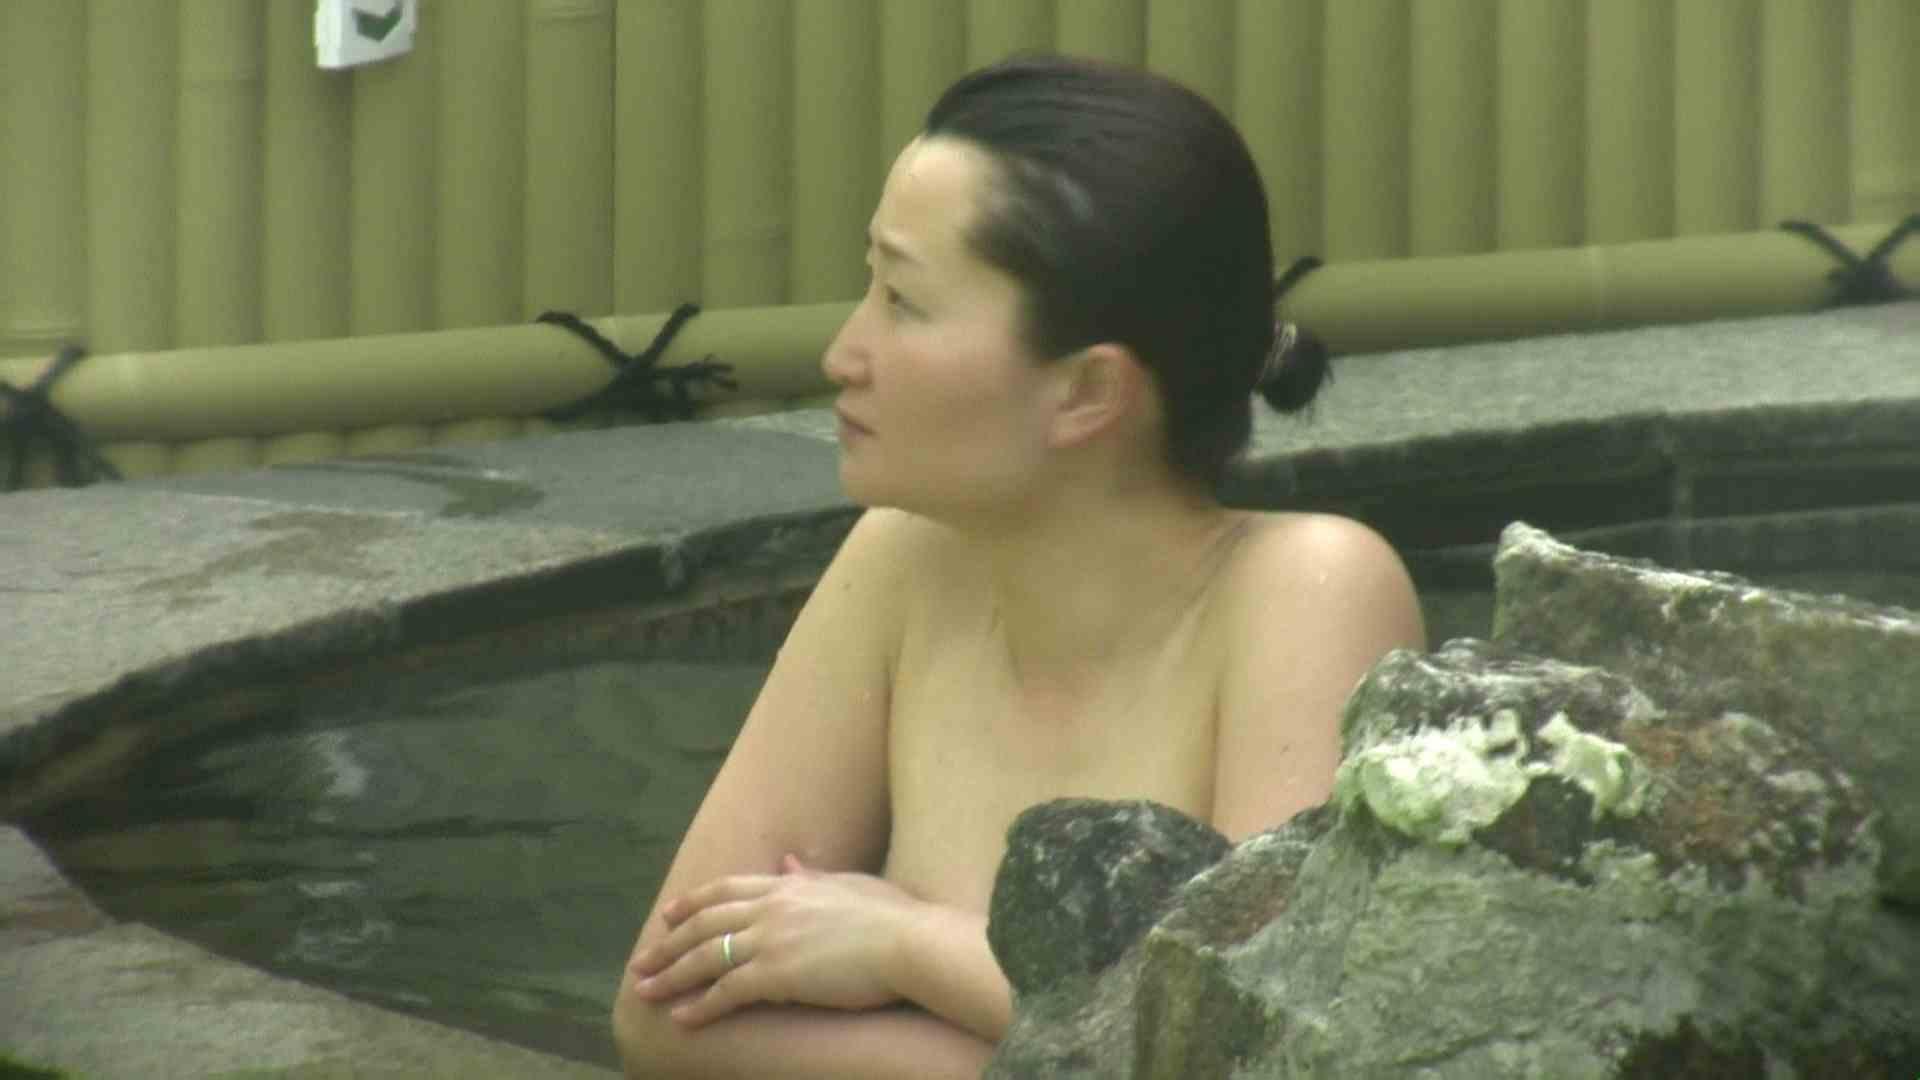 Aquaな露天風呂Vol.632 OL女体 のぞき動画画像 75連発 56